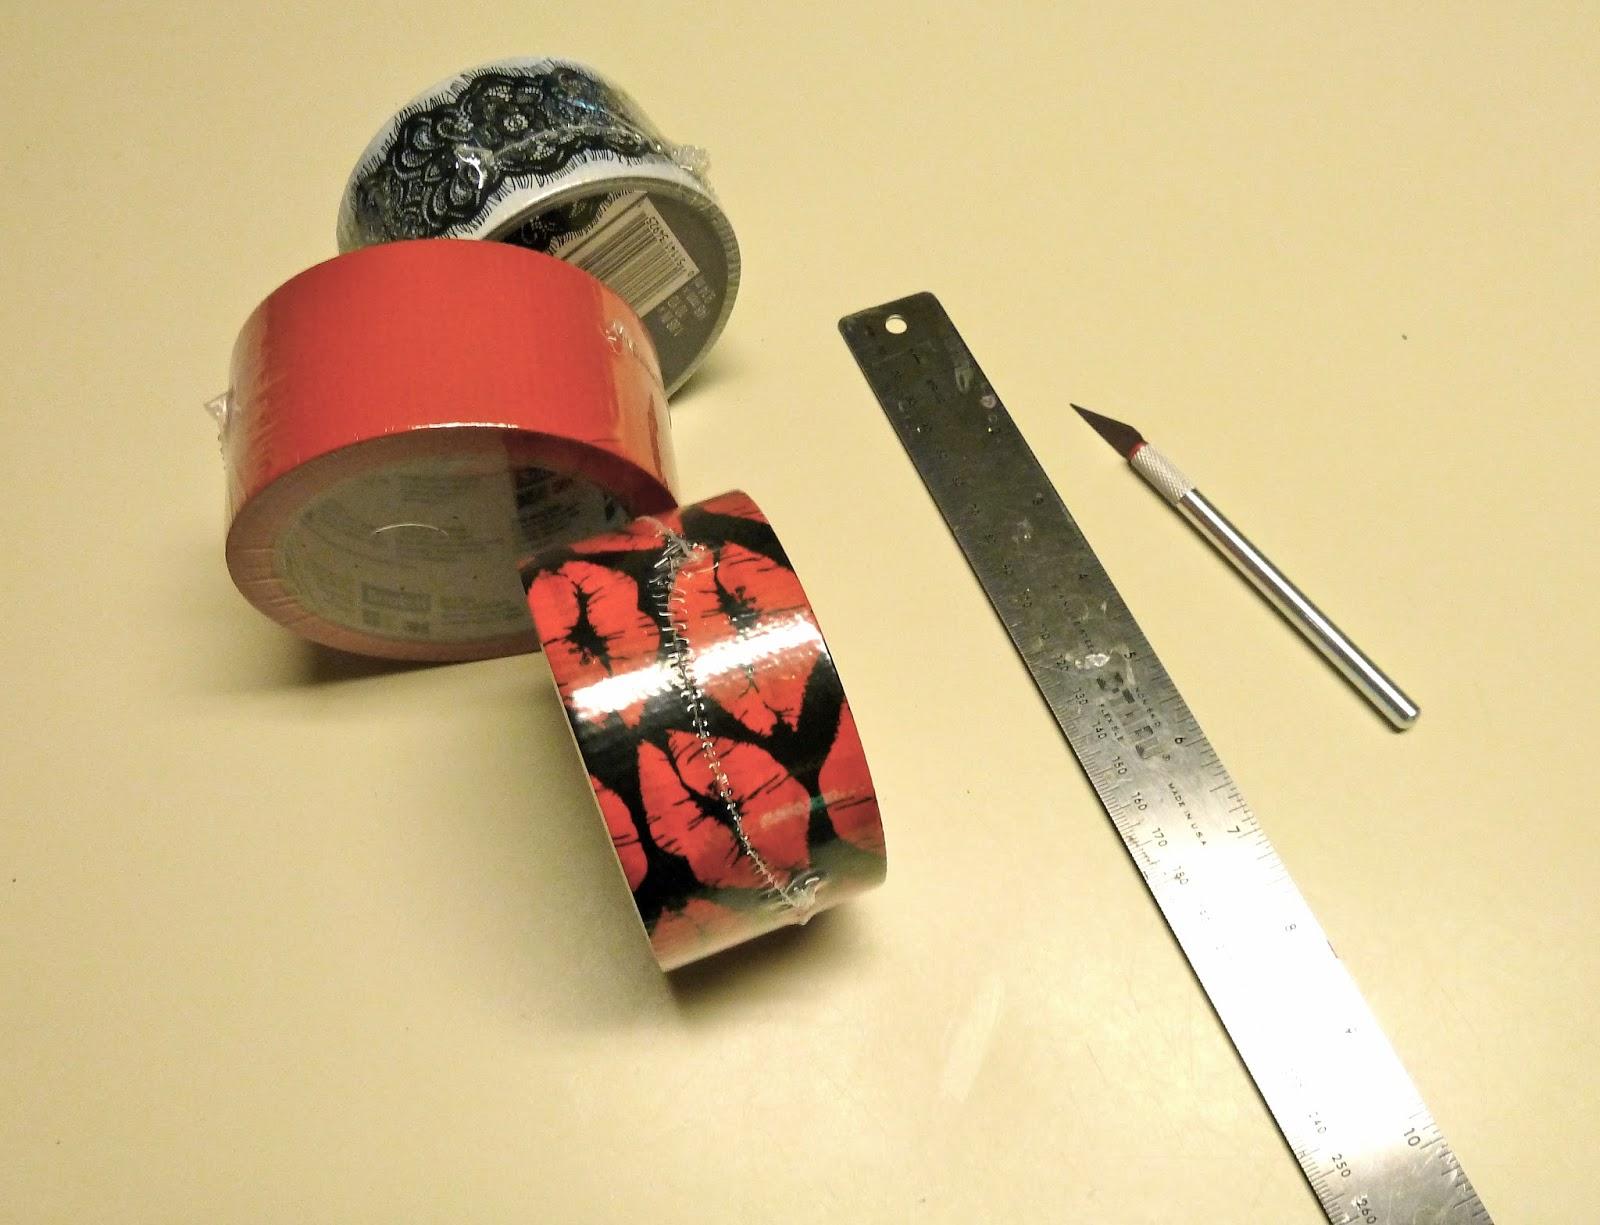 sport supplies widths sensitive mats tape in g pressure available mat gopher